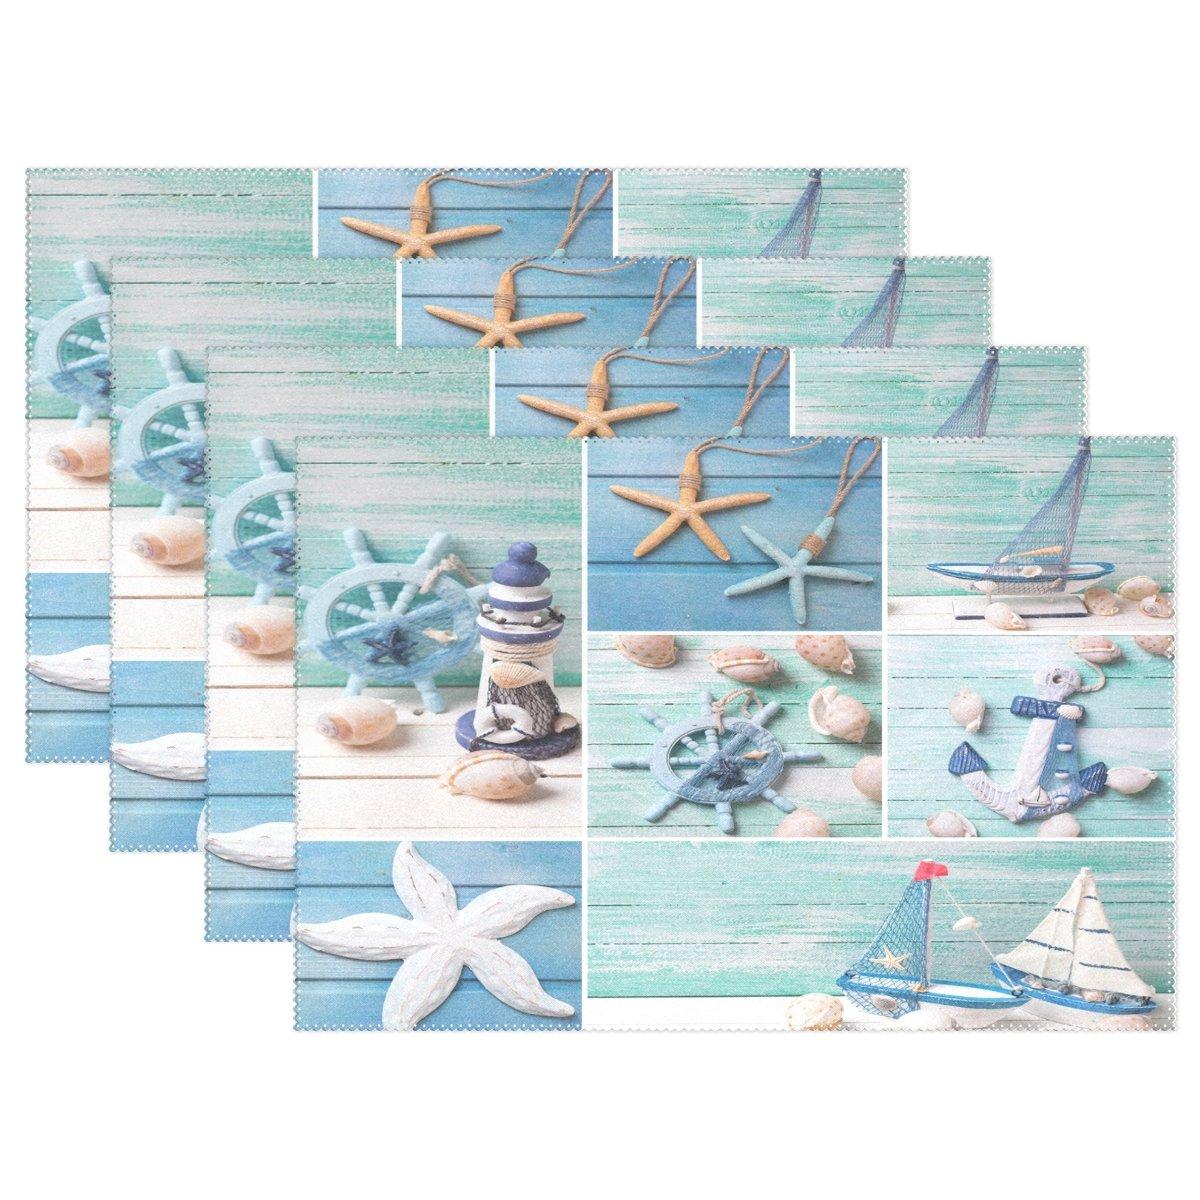 Wozo夏海テーマアンカーヒトデプレースマットテーブルマット、シェル出荷12